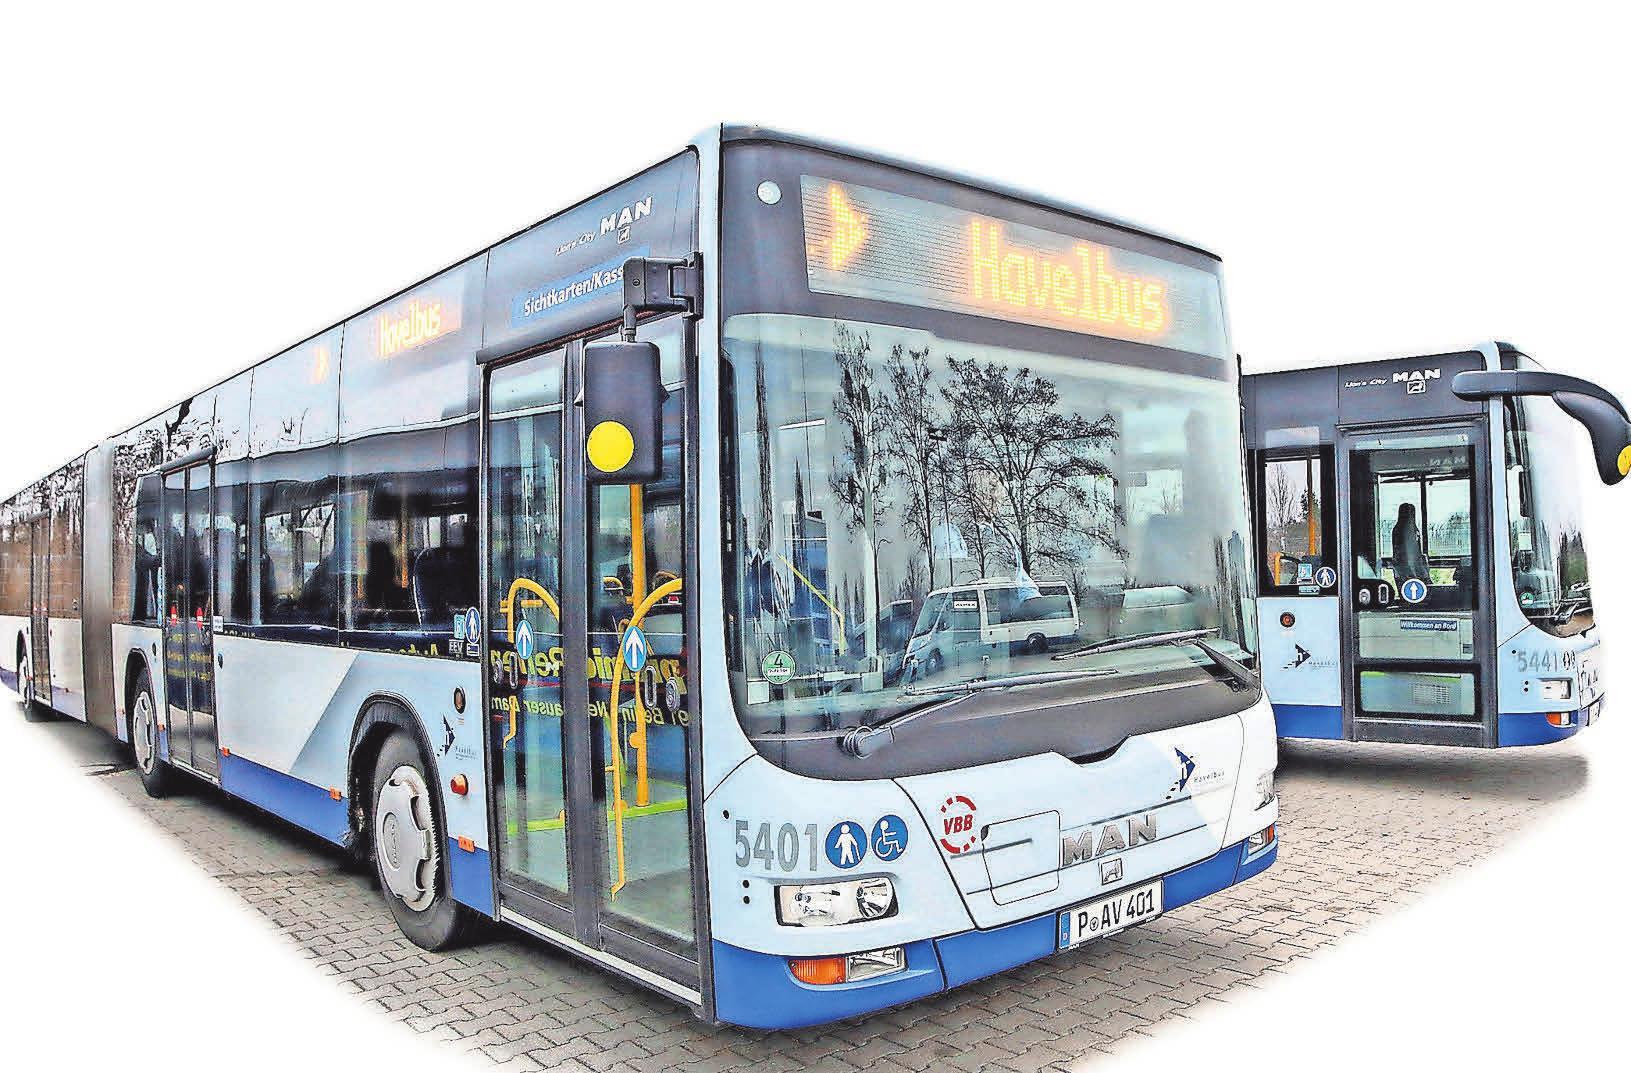 Havelbus bietet am 22. Juni einen Shuttleservice auf dem Industriepark-Gelände an. FOTO: TANJA M. MAROTZKE